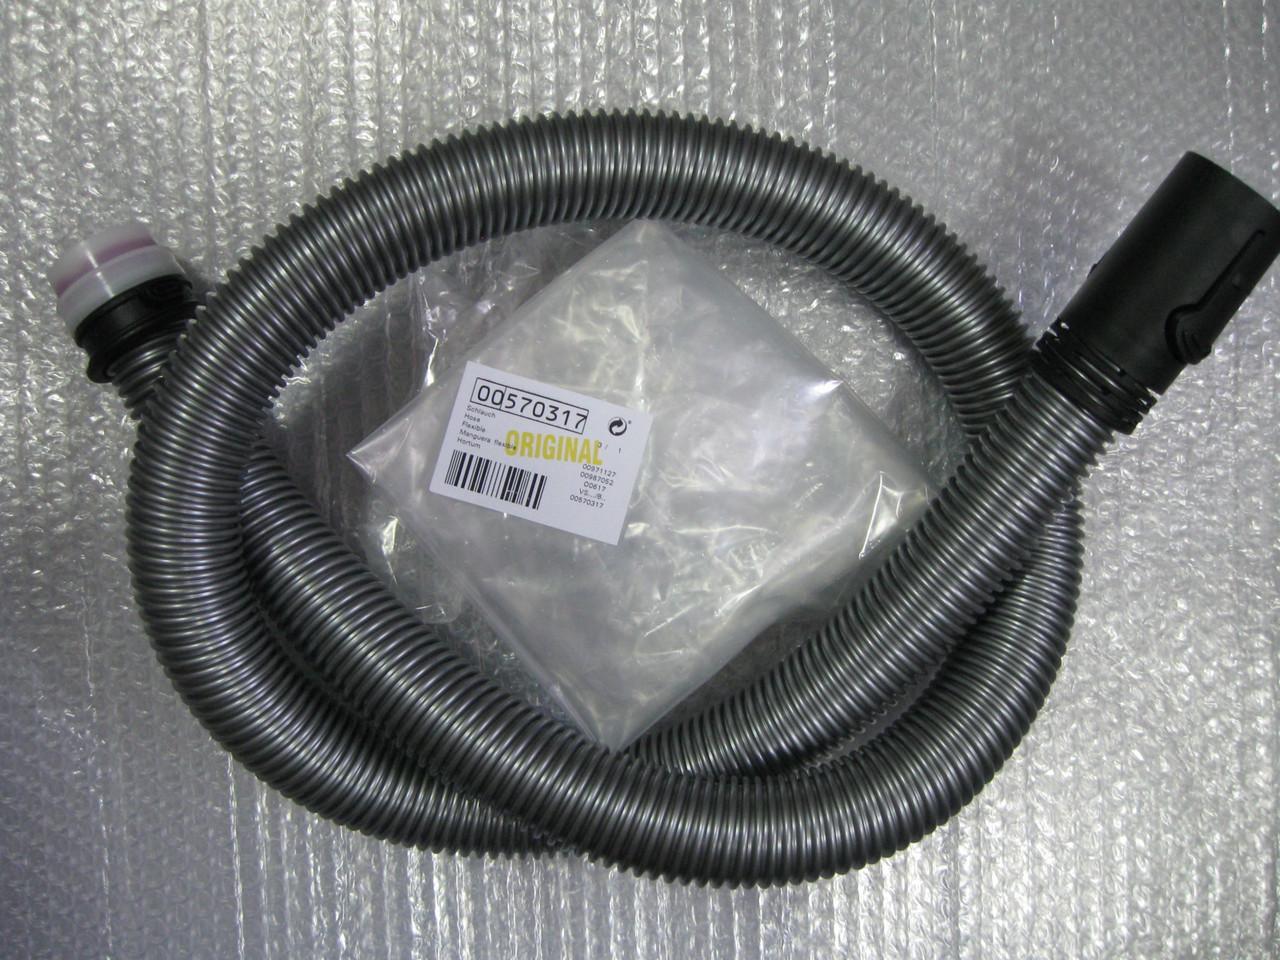 Шланг для пылесоса Bosch 00570317